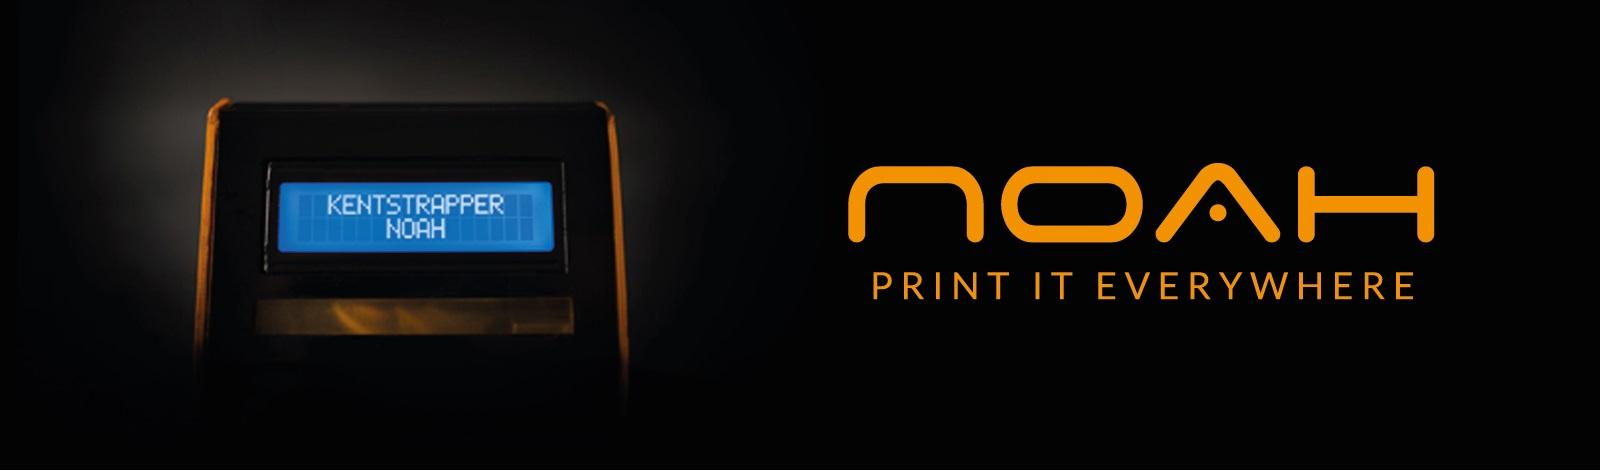 Kentstrapper Noah 3d printing assistant